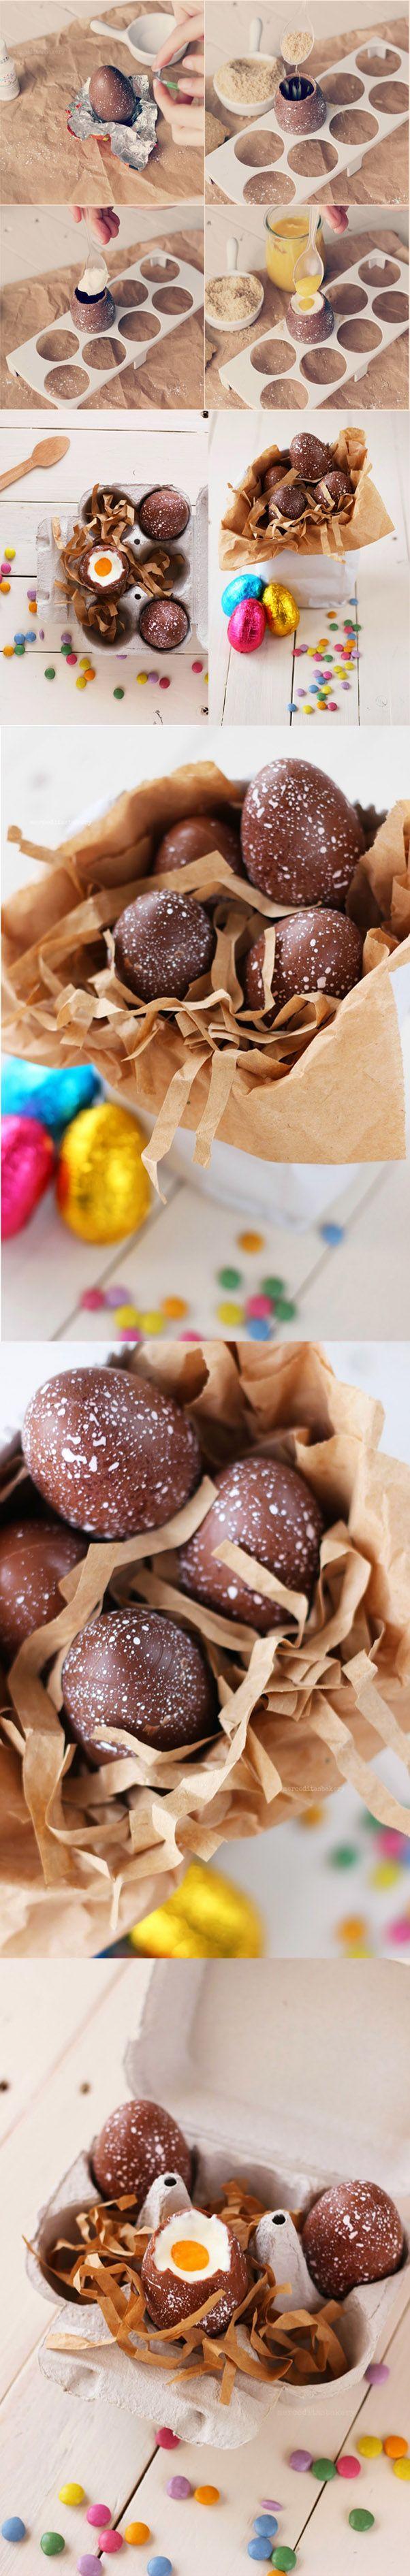 huevos-chocolate-pascua-pecados-reposteria-1